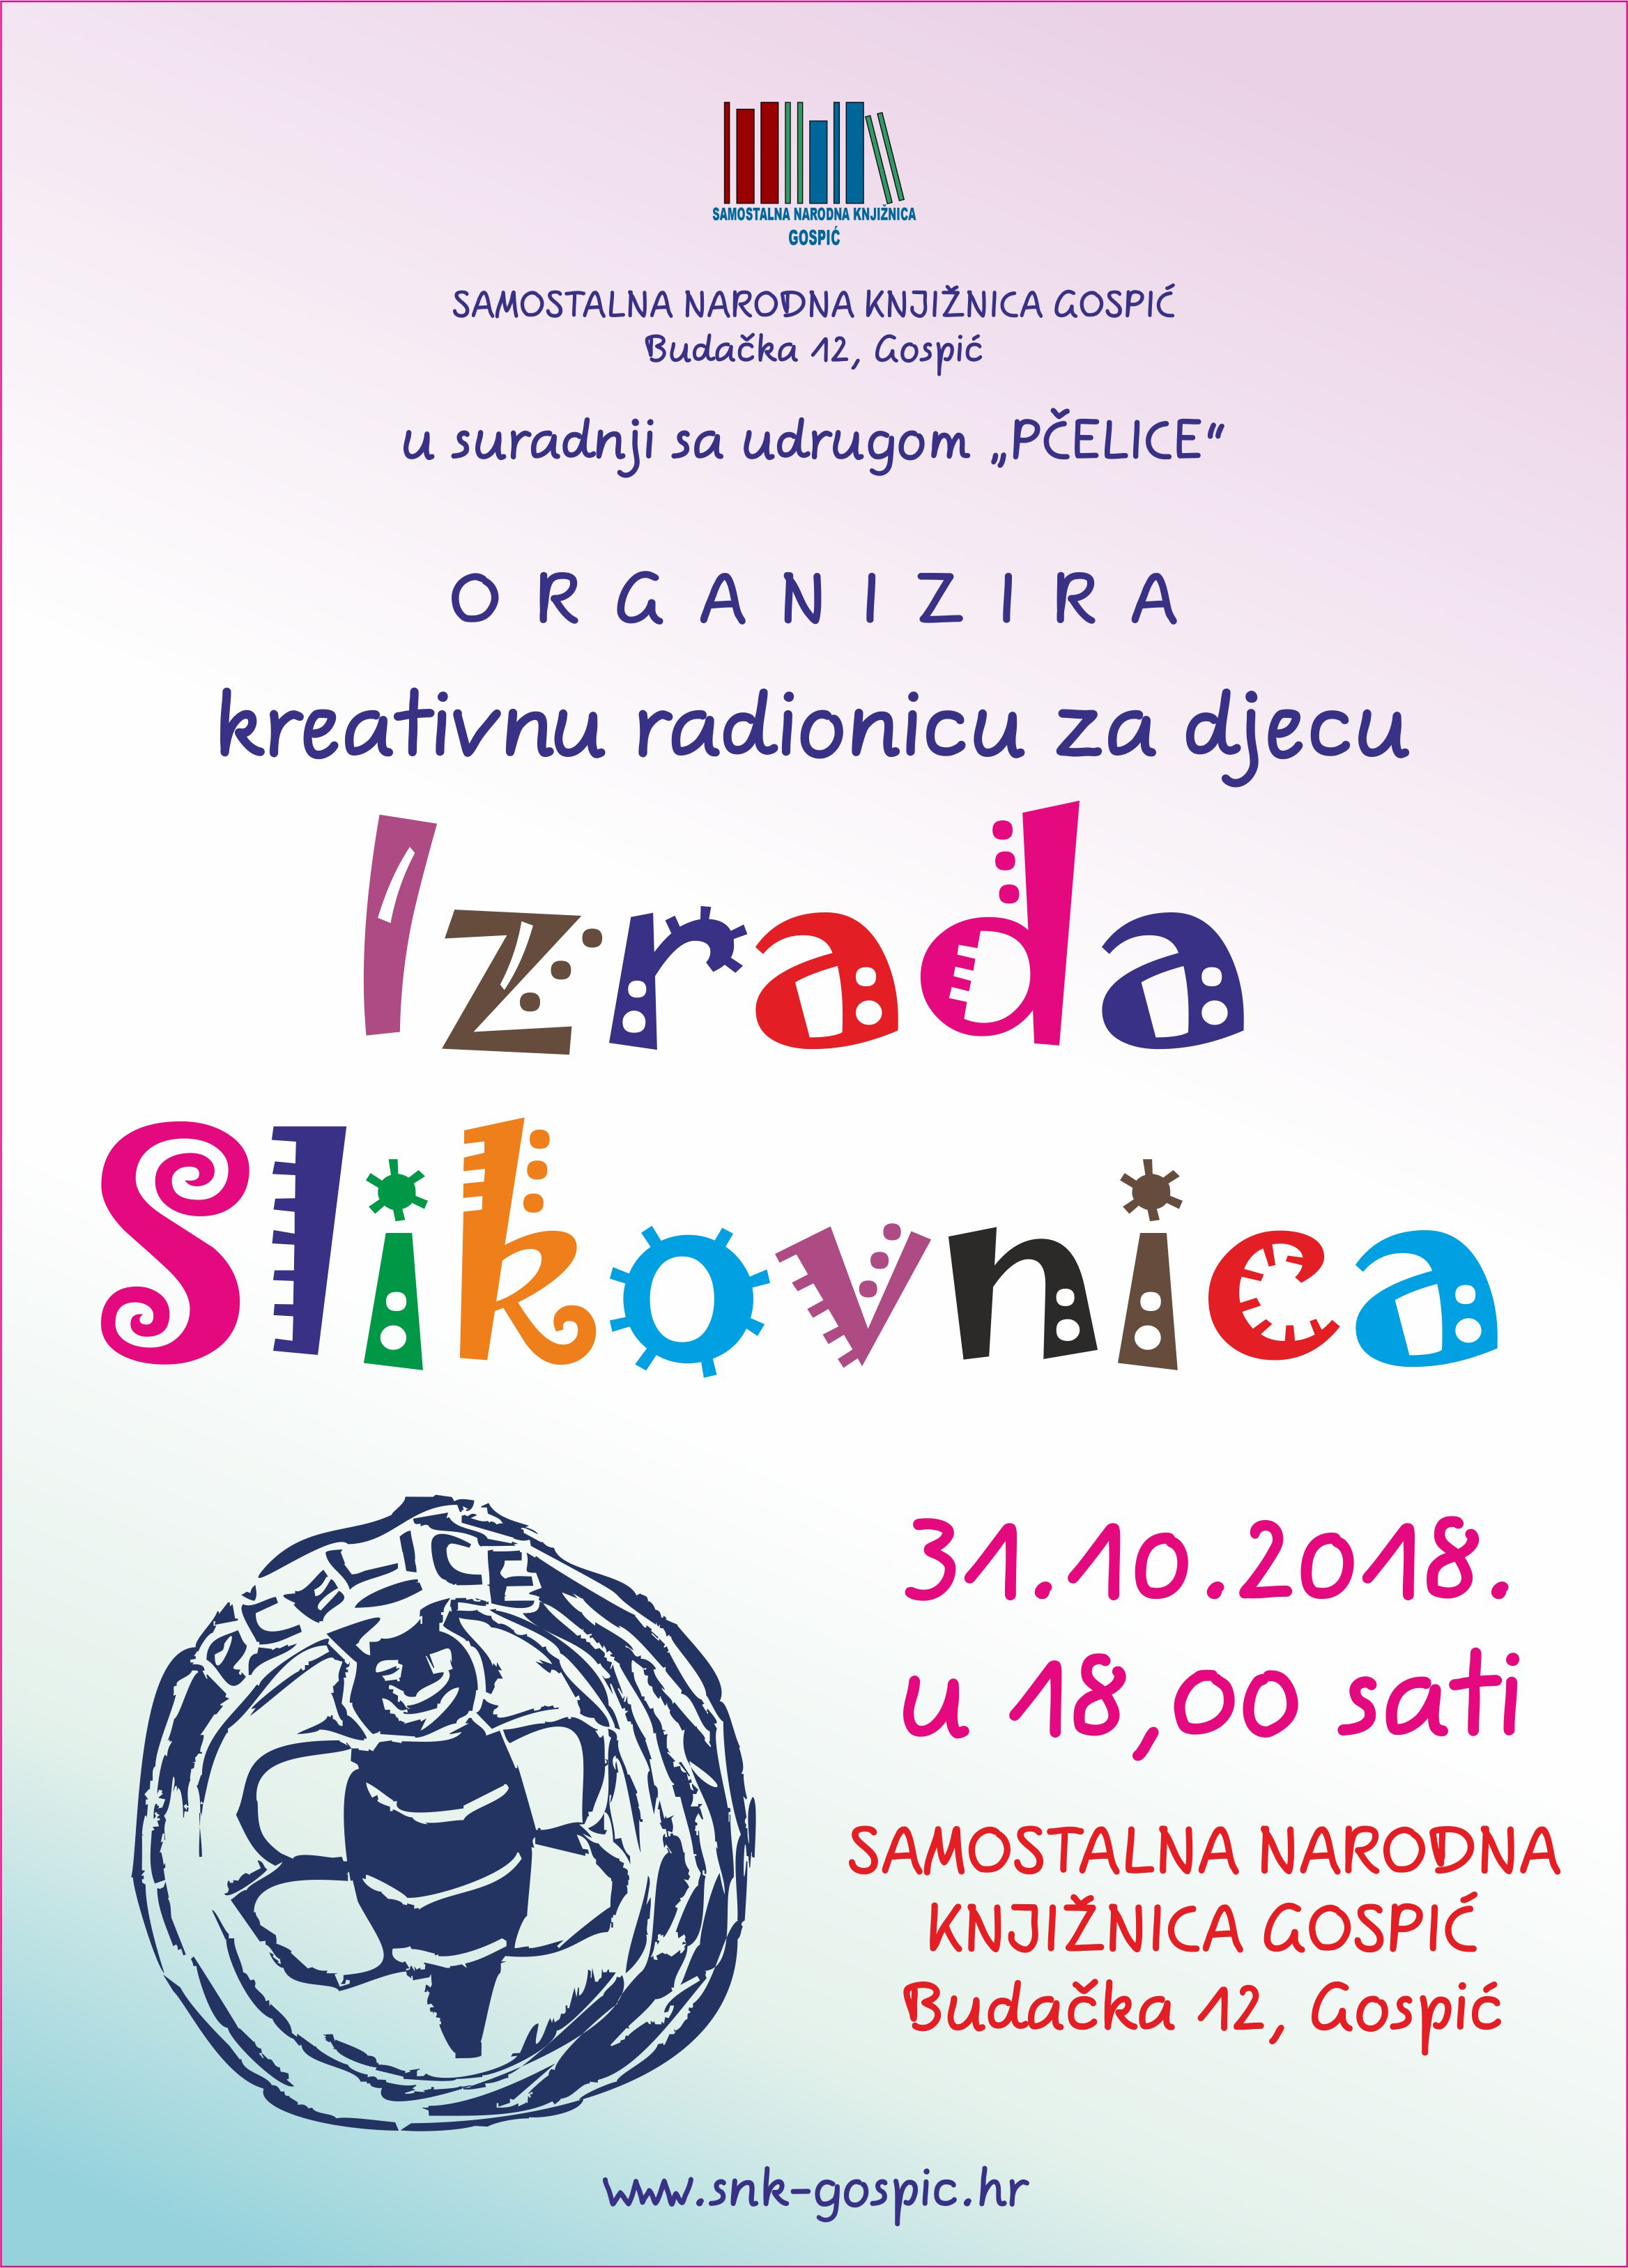 IZRADA SLIKOVNICA